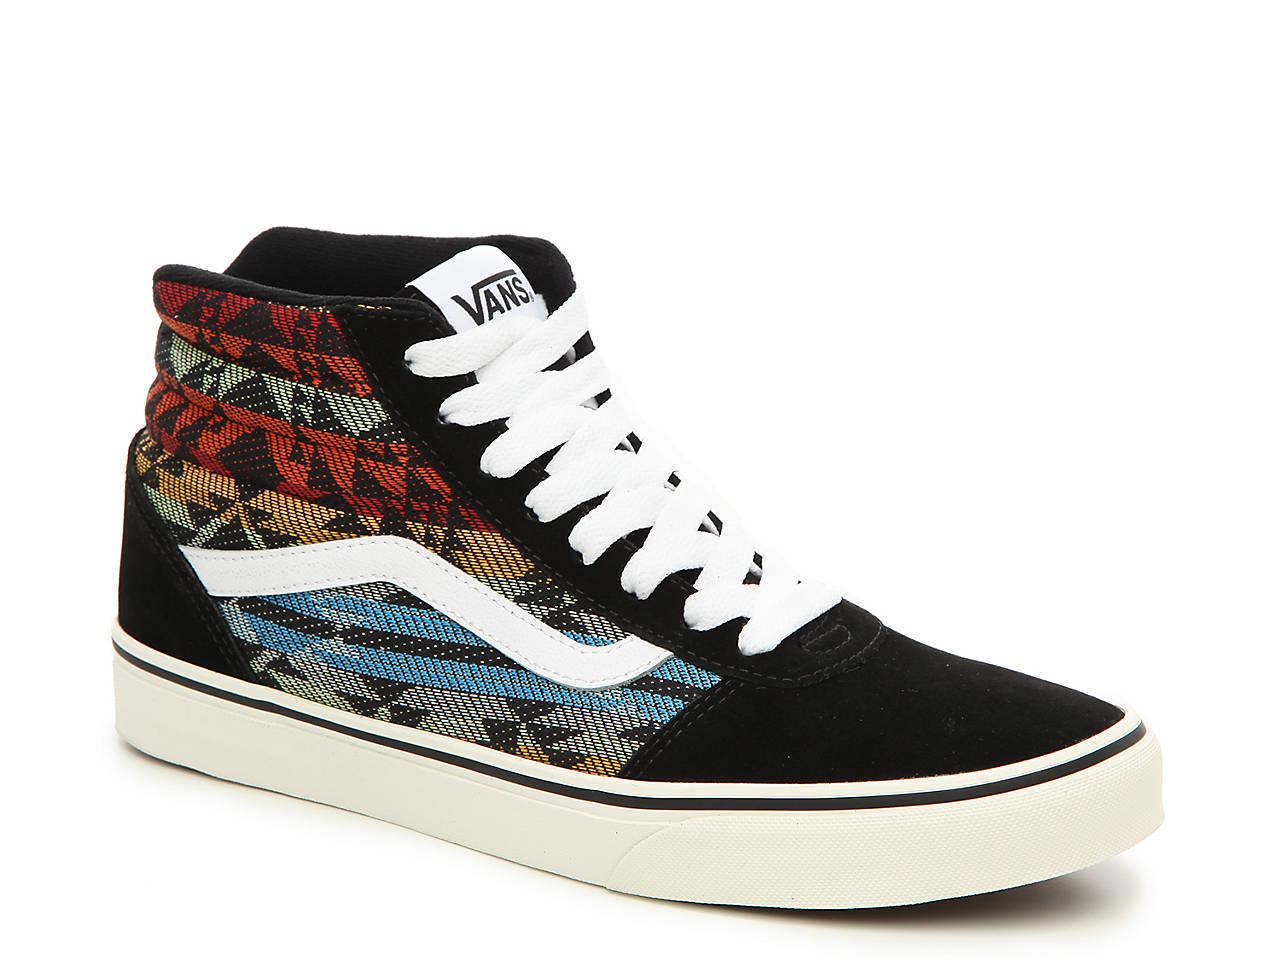 22e8d66a80 Vans Ward Hi Suede High-Top Printed Sneaker - Men s Men s Shoes